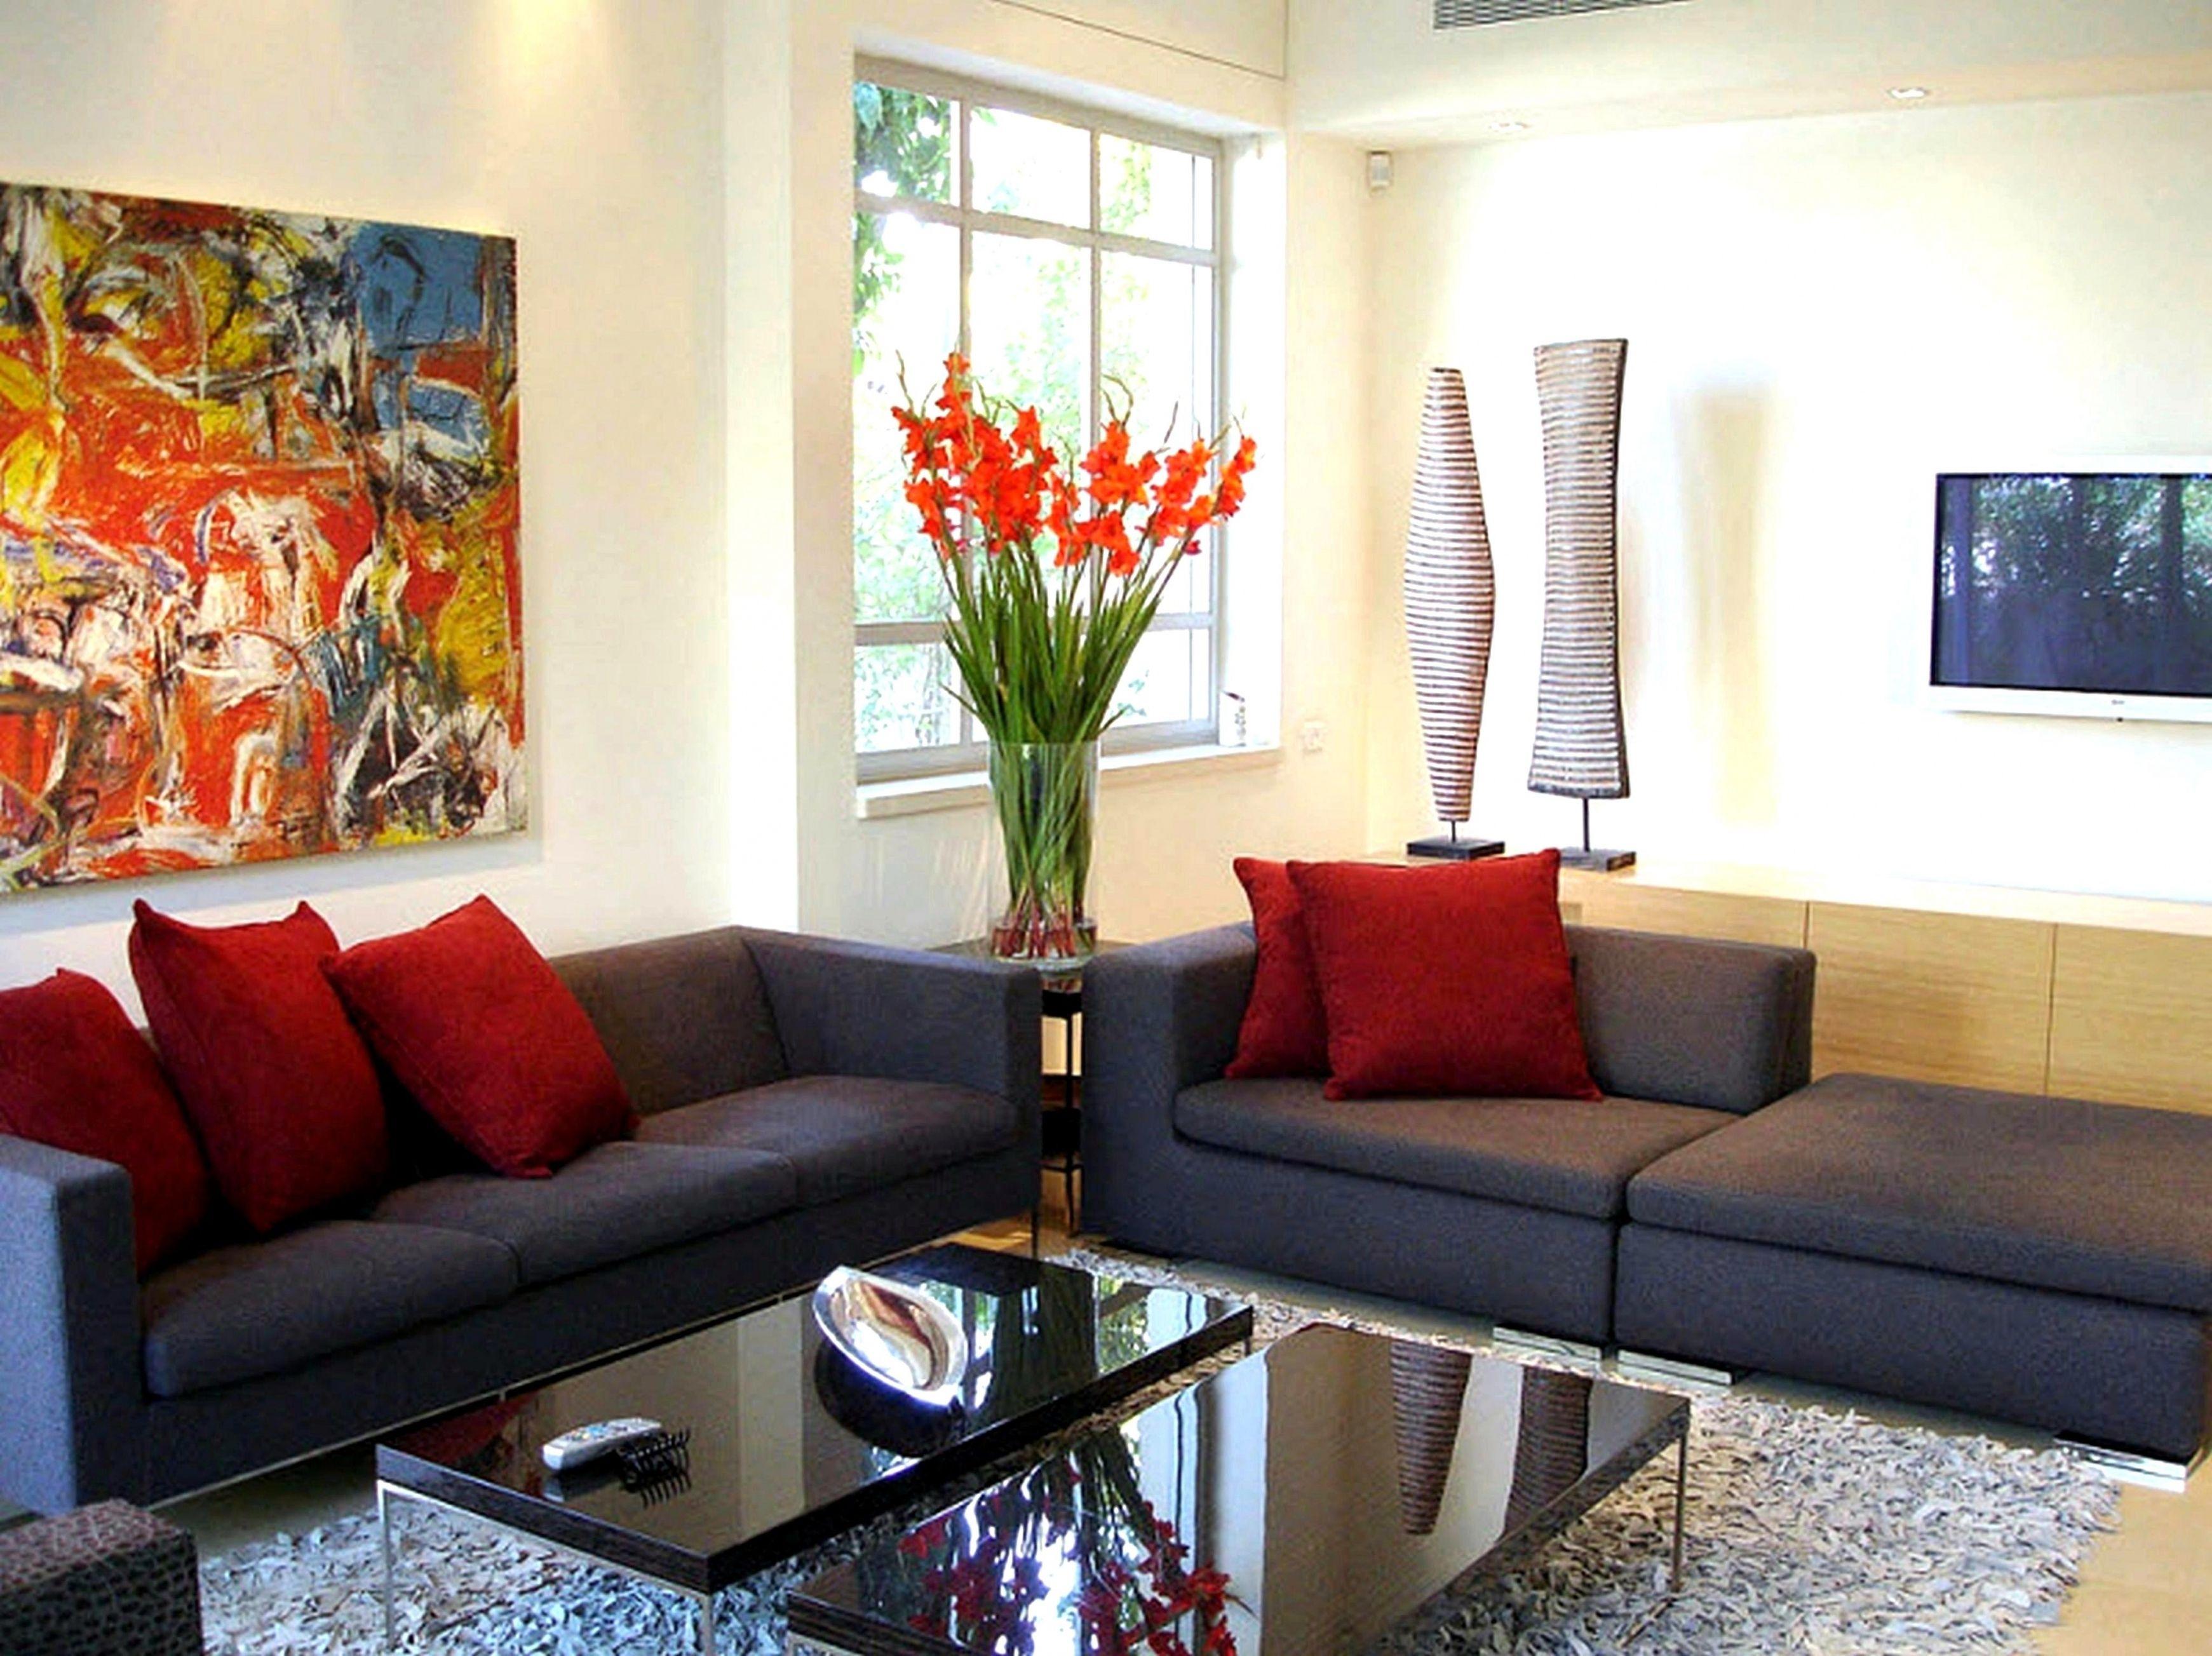 Inspirational Living Room Decor Ideas South Africa Ds13fm4 Https Sherriematula Com Inspiratio Cheap Living Rooms Living Room Decor Apartment Cheap Home Decor